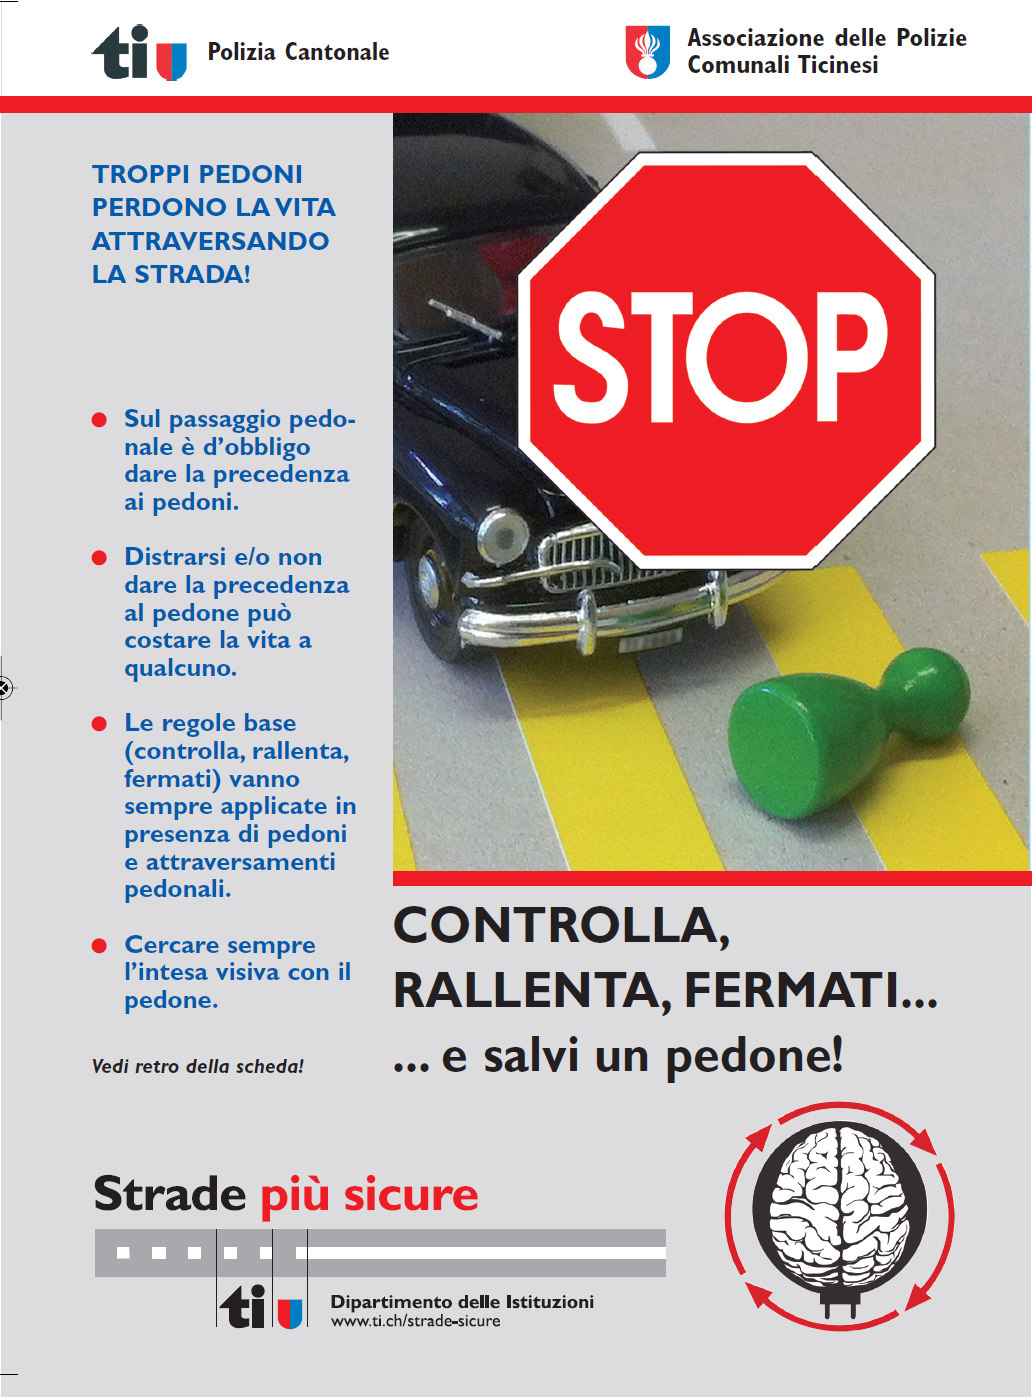 Lanciata la nuova campagna di sicurezza stradale per i pedoni e gli automobilisti